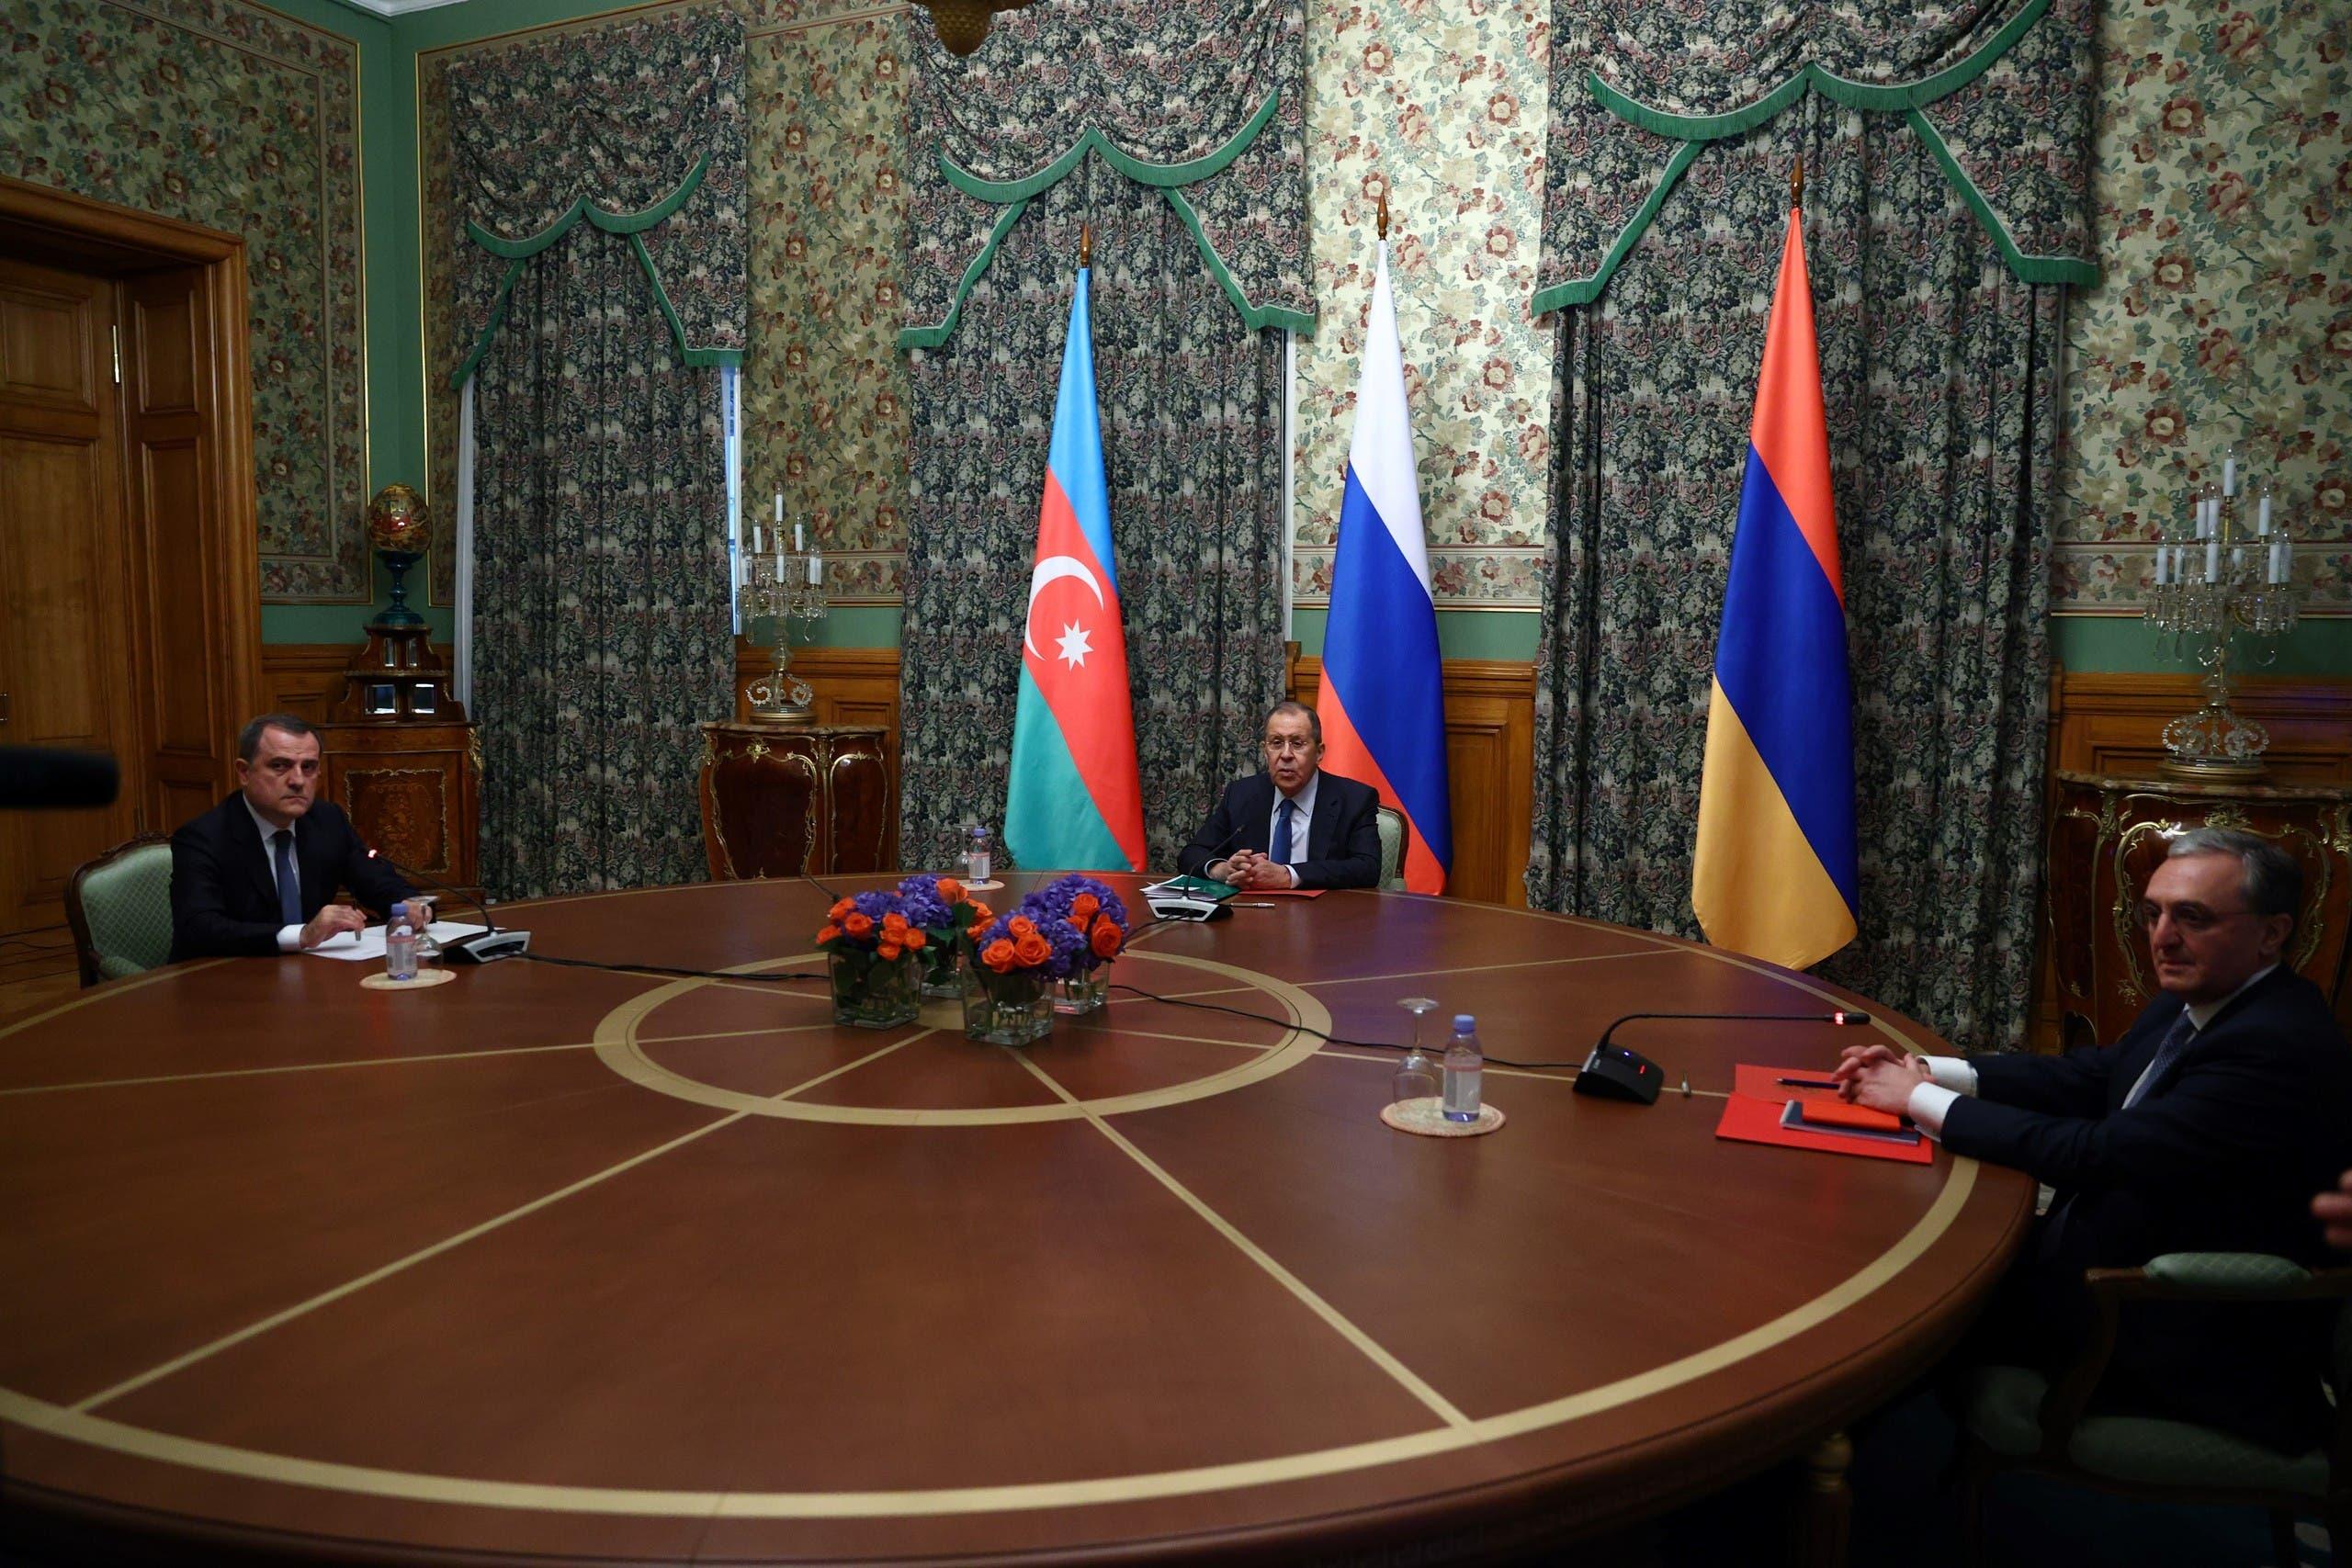 لافروف خلال اجتماع مع نظيره الأأرمني (أرشيفية- فرانس برس)